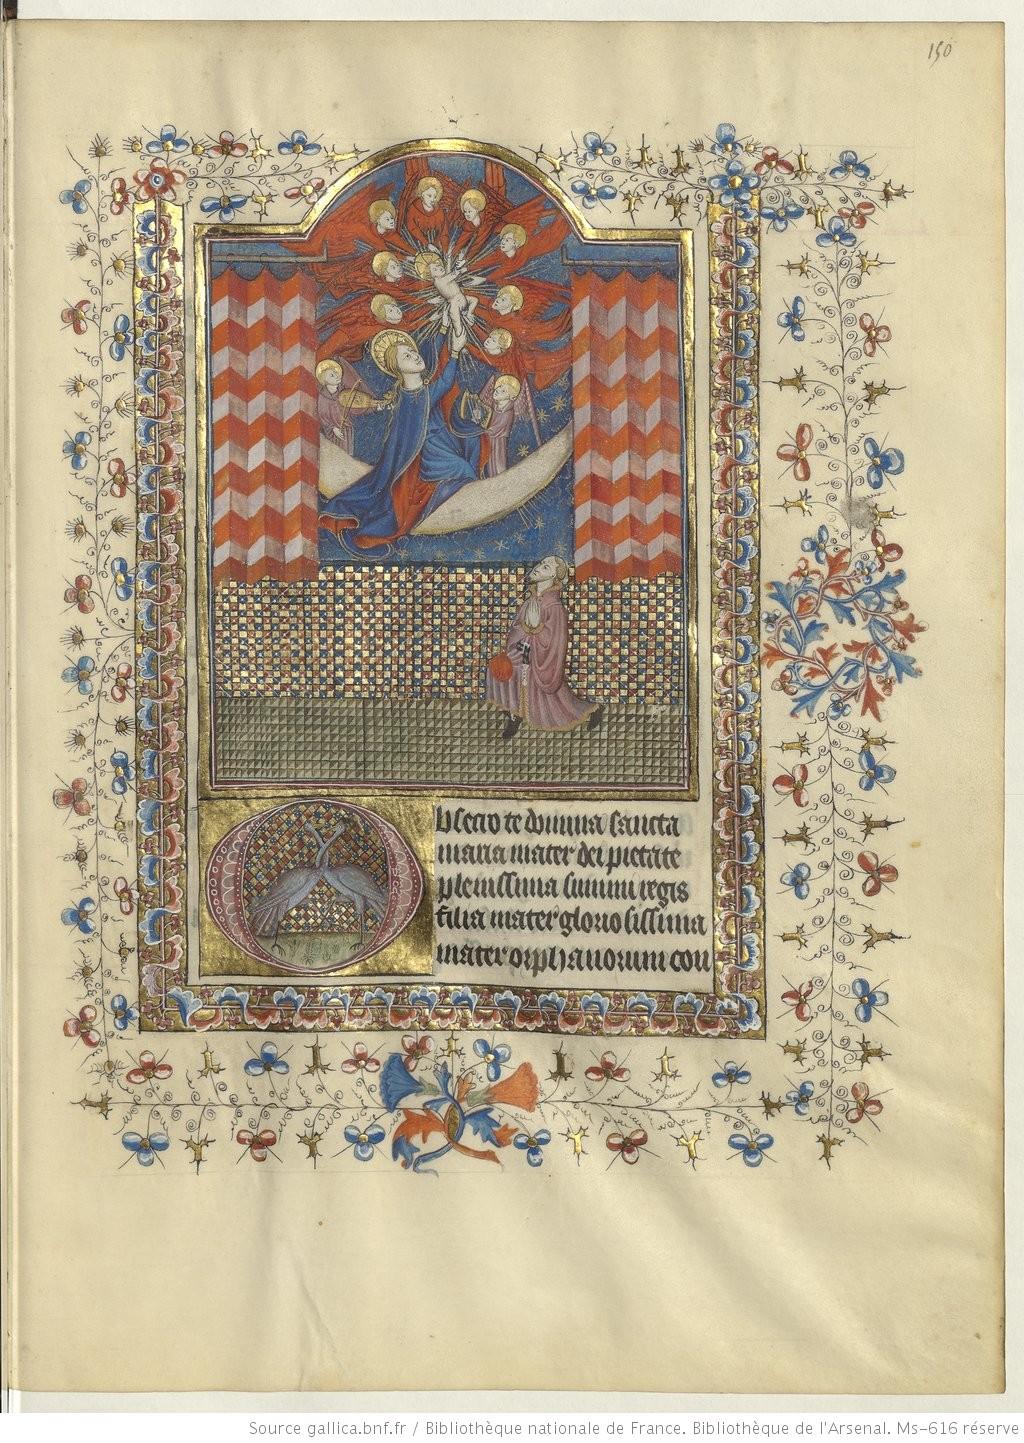 Livre d'heures a l'usage de Rennes, 1420, Arsenal Ms-616 fol 150r